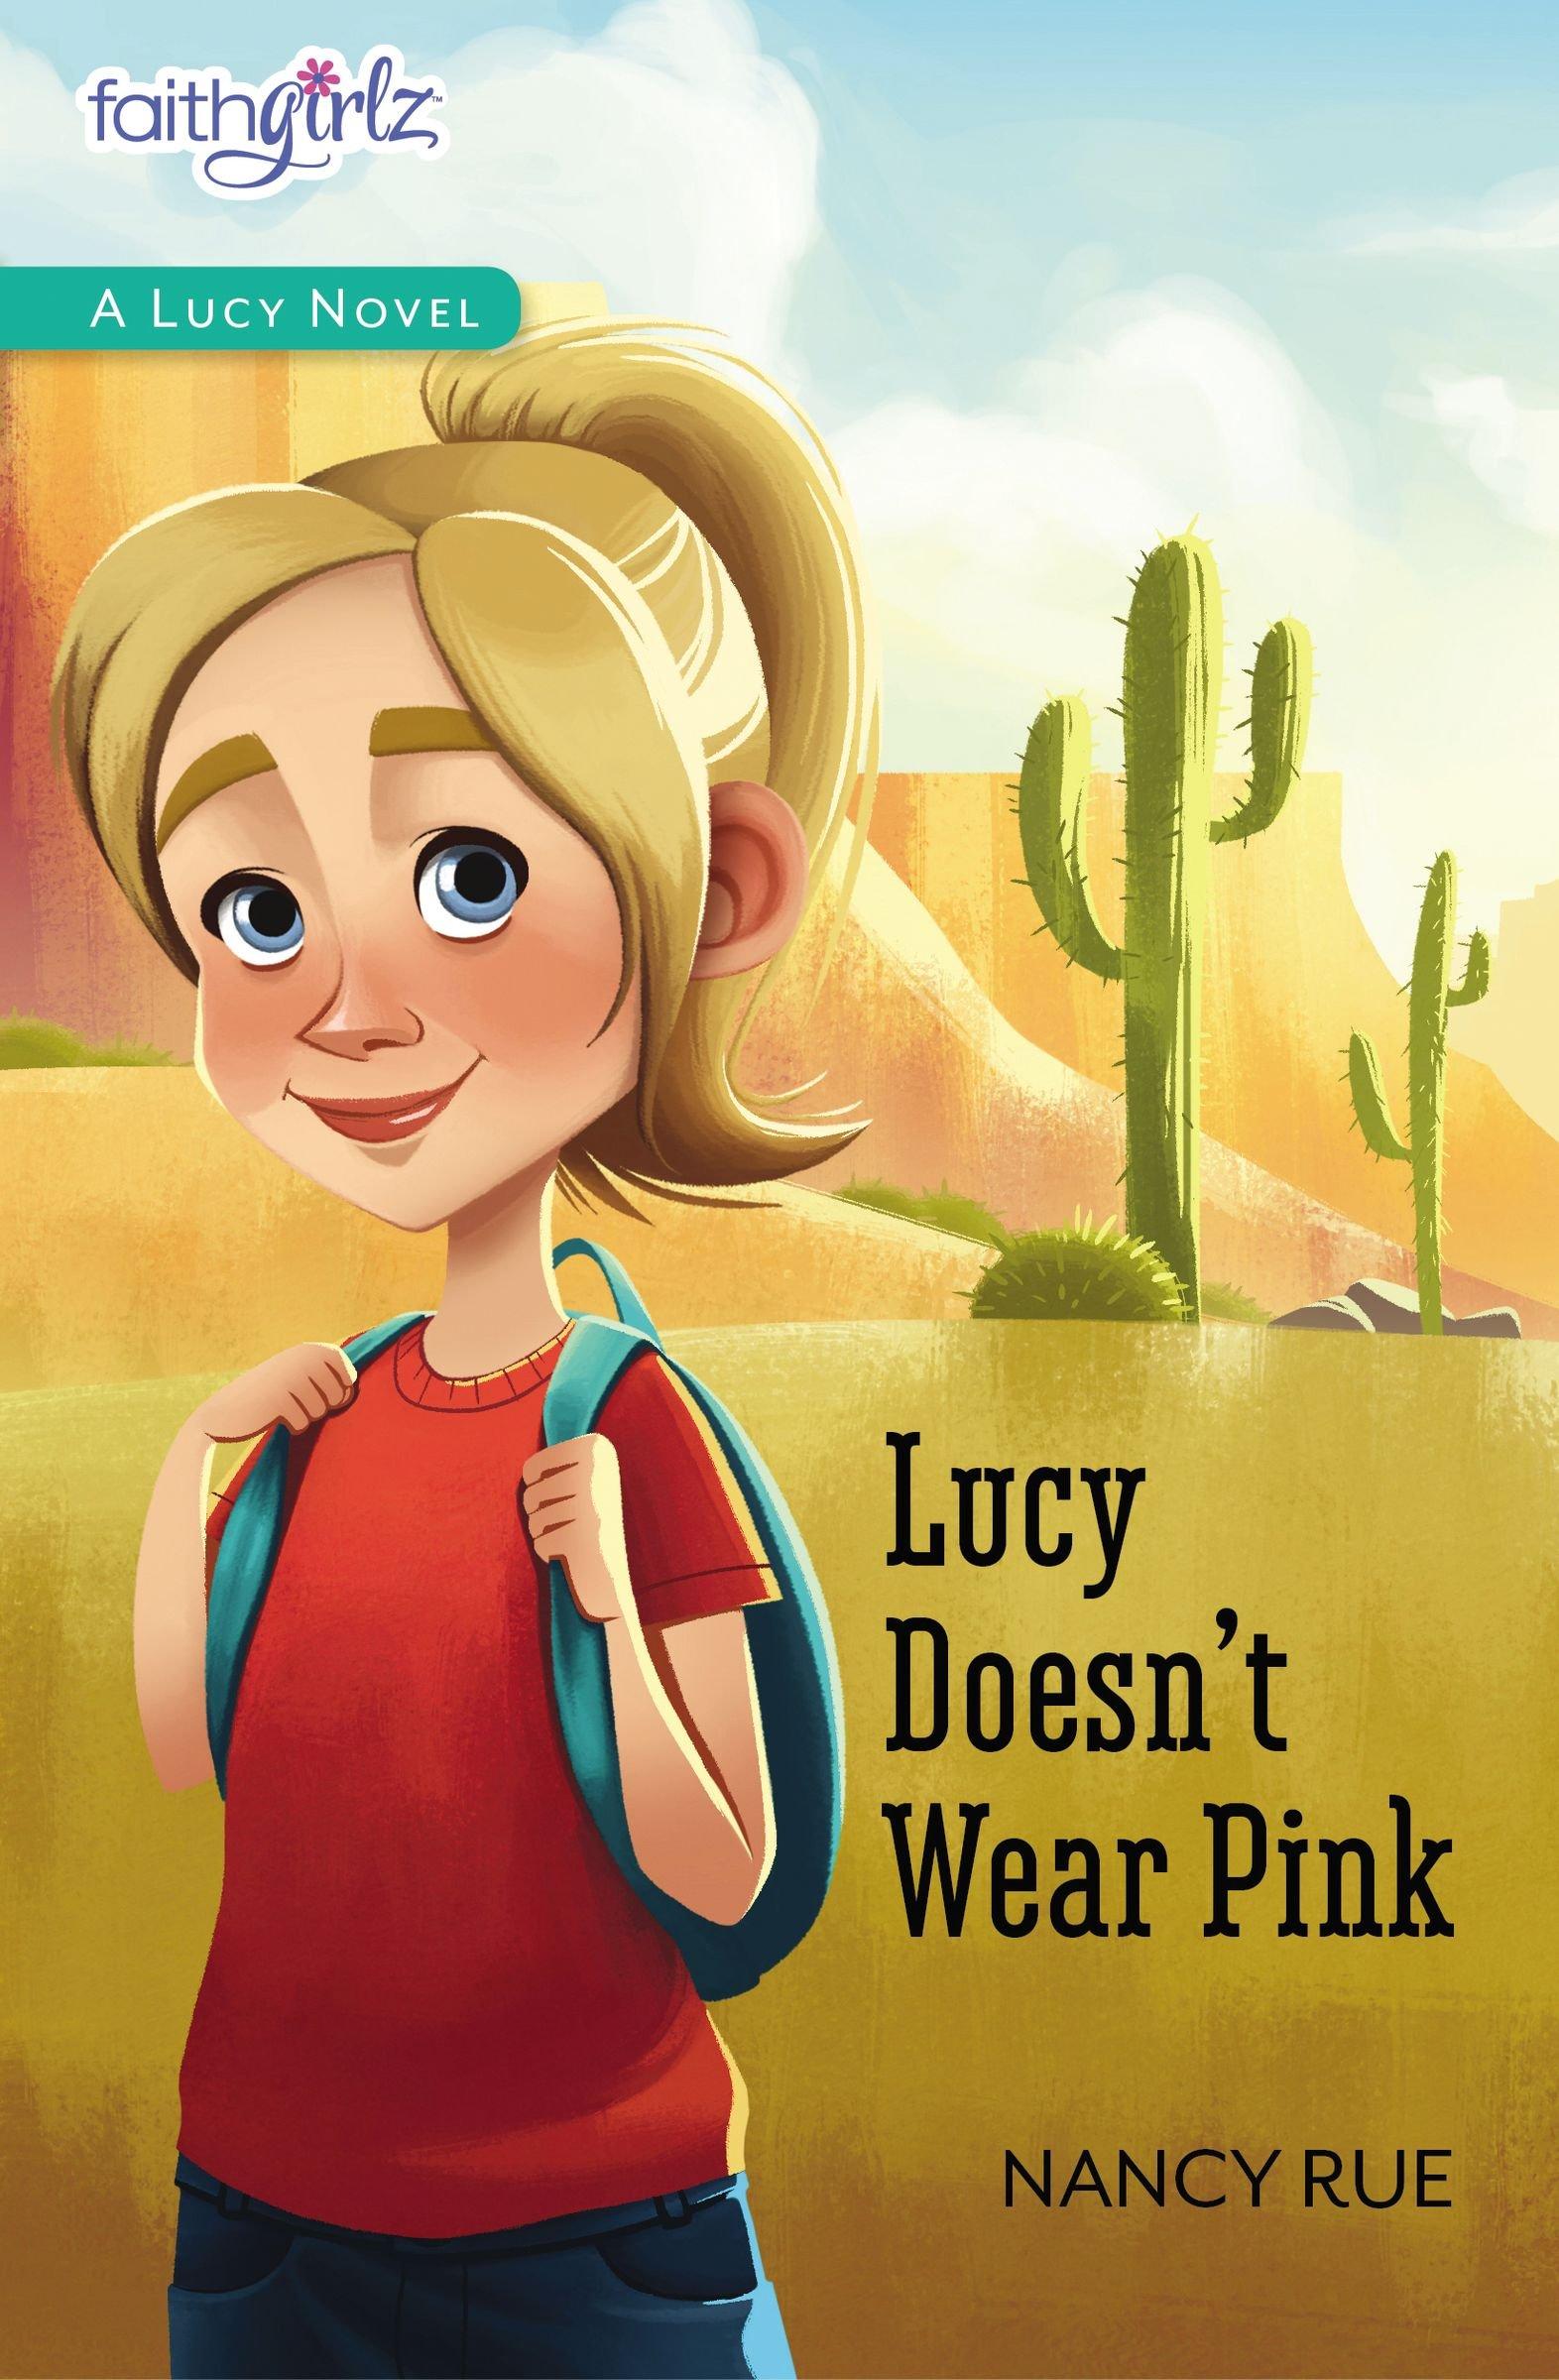 Lucy Doesn't Wear Pink (Faithgirlz / A Lucy Novel)